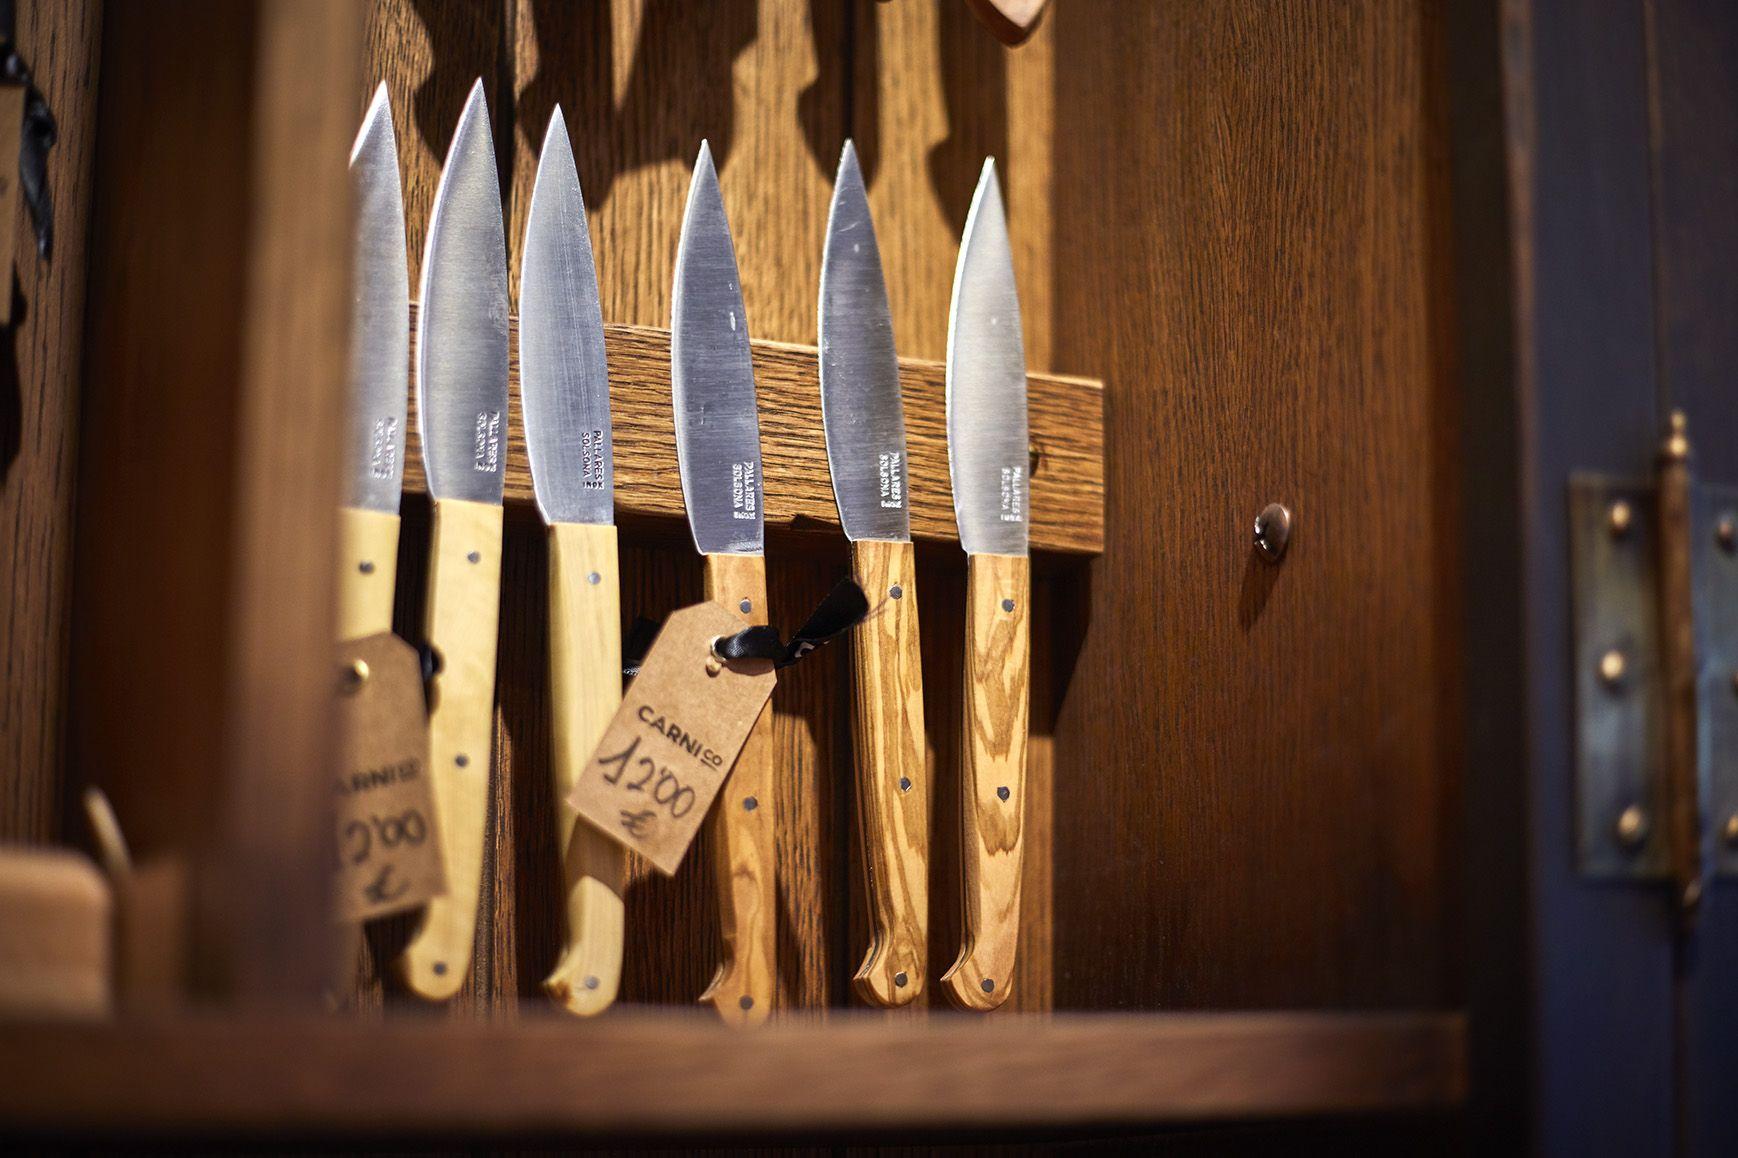 Mantenimiento de cuchillos